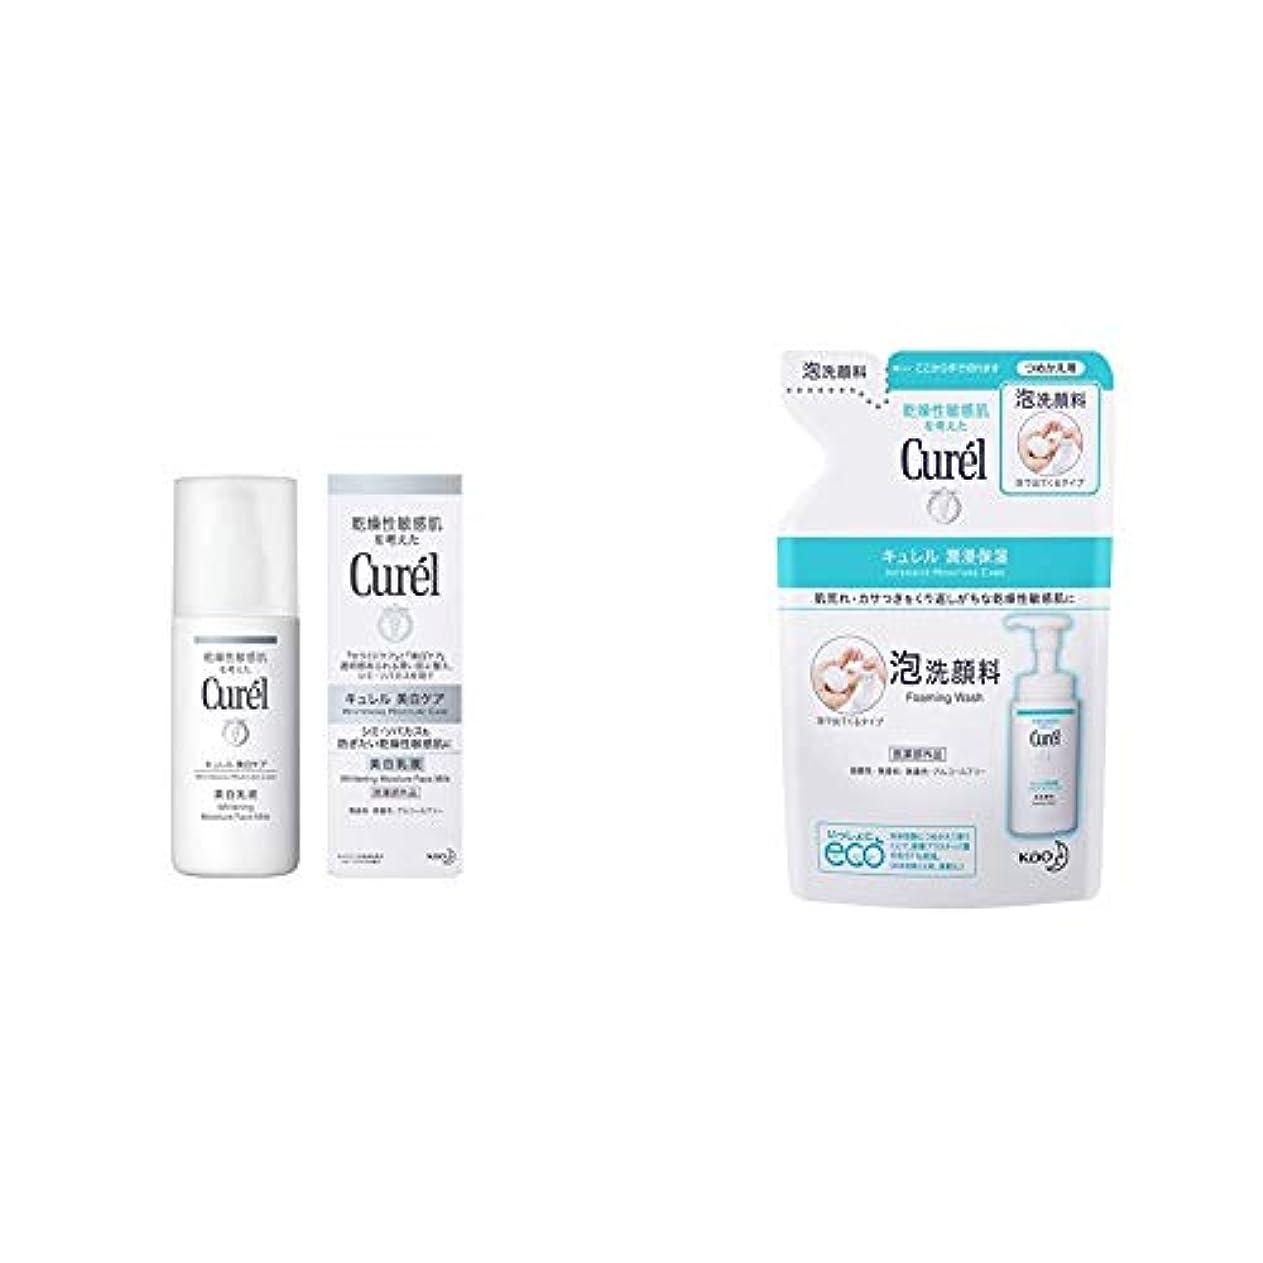 進化するバーチャルリットルキュレル 美白乳液 110ml & 泡洗顔料 つめかえ用 130ml